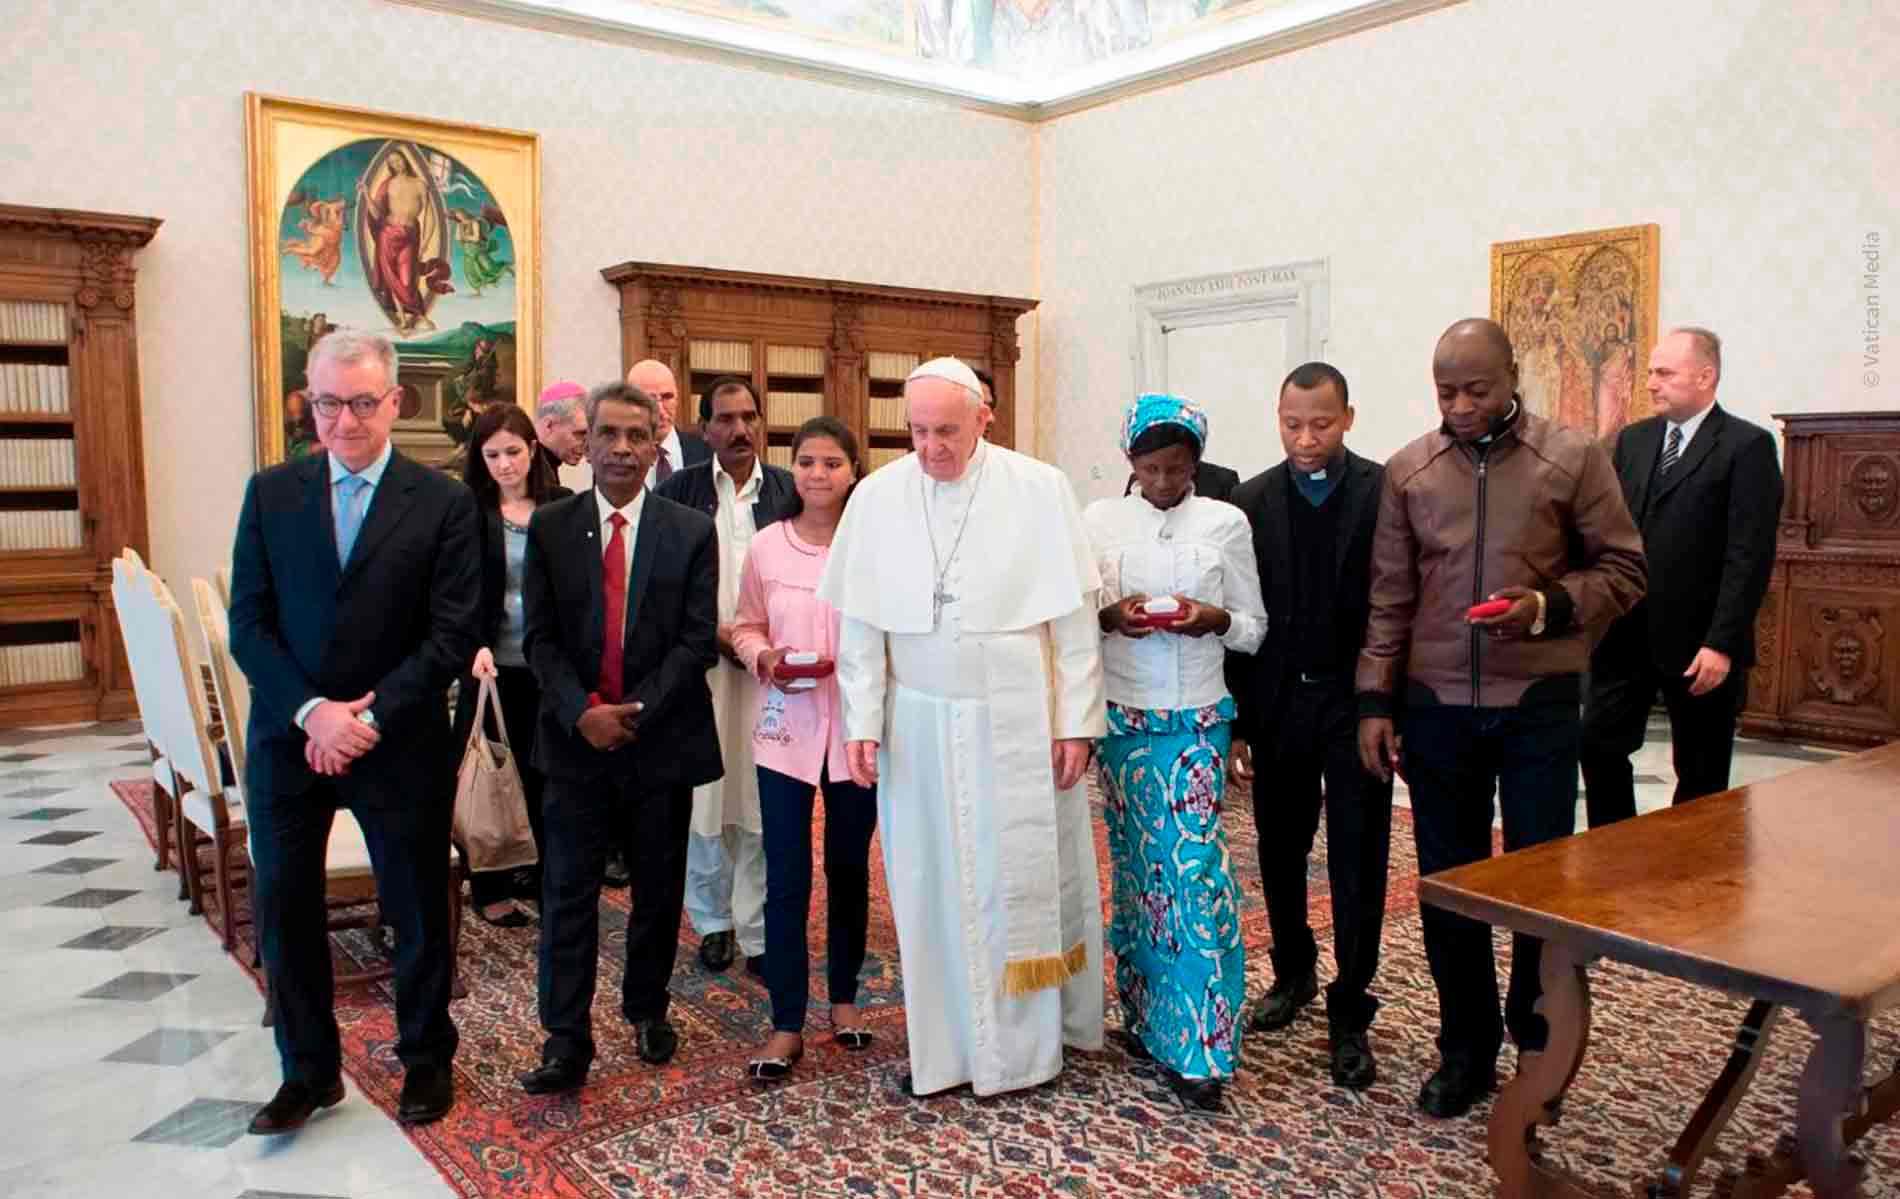 Encontro promovido pela ACN da família de Asia Bibi e de Rebecca (vítimas de perseguição religiosa) com o Papa Francisco.